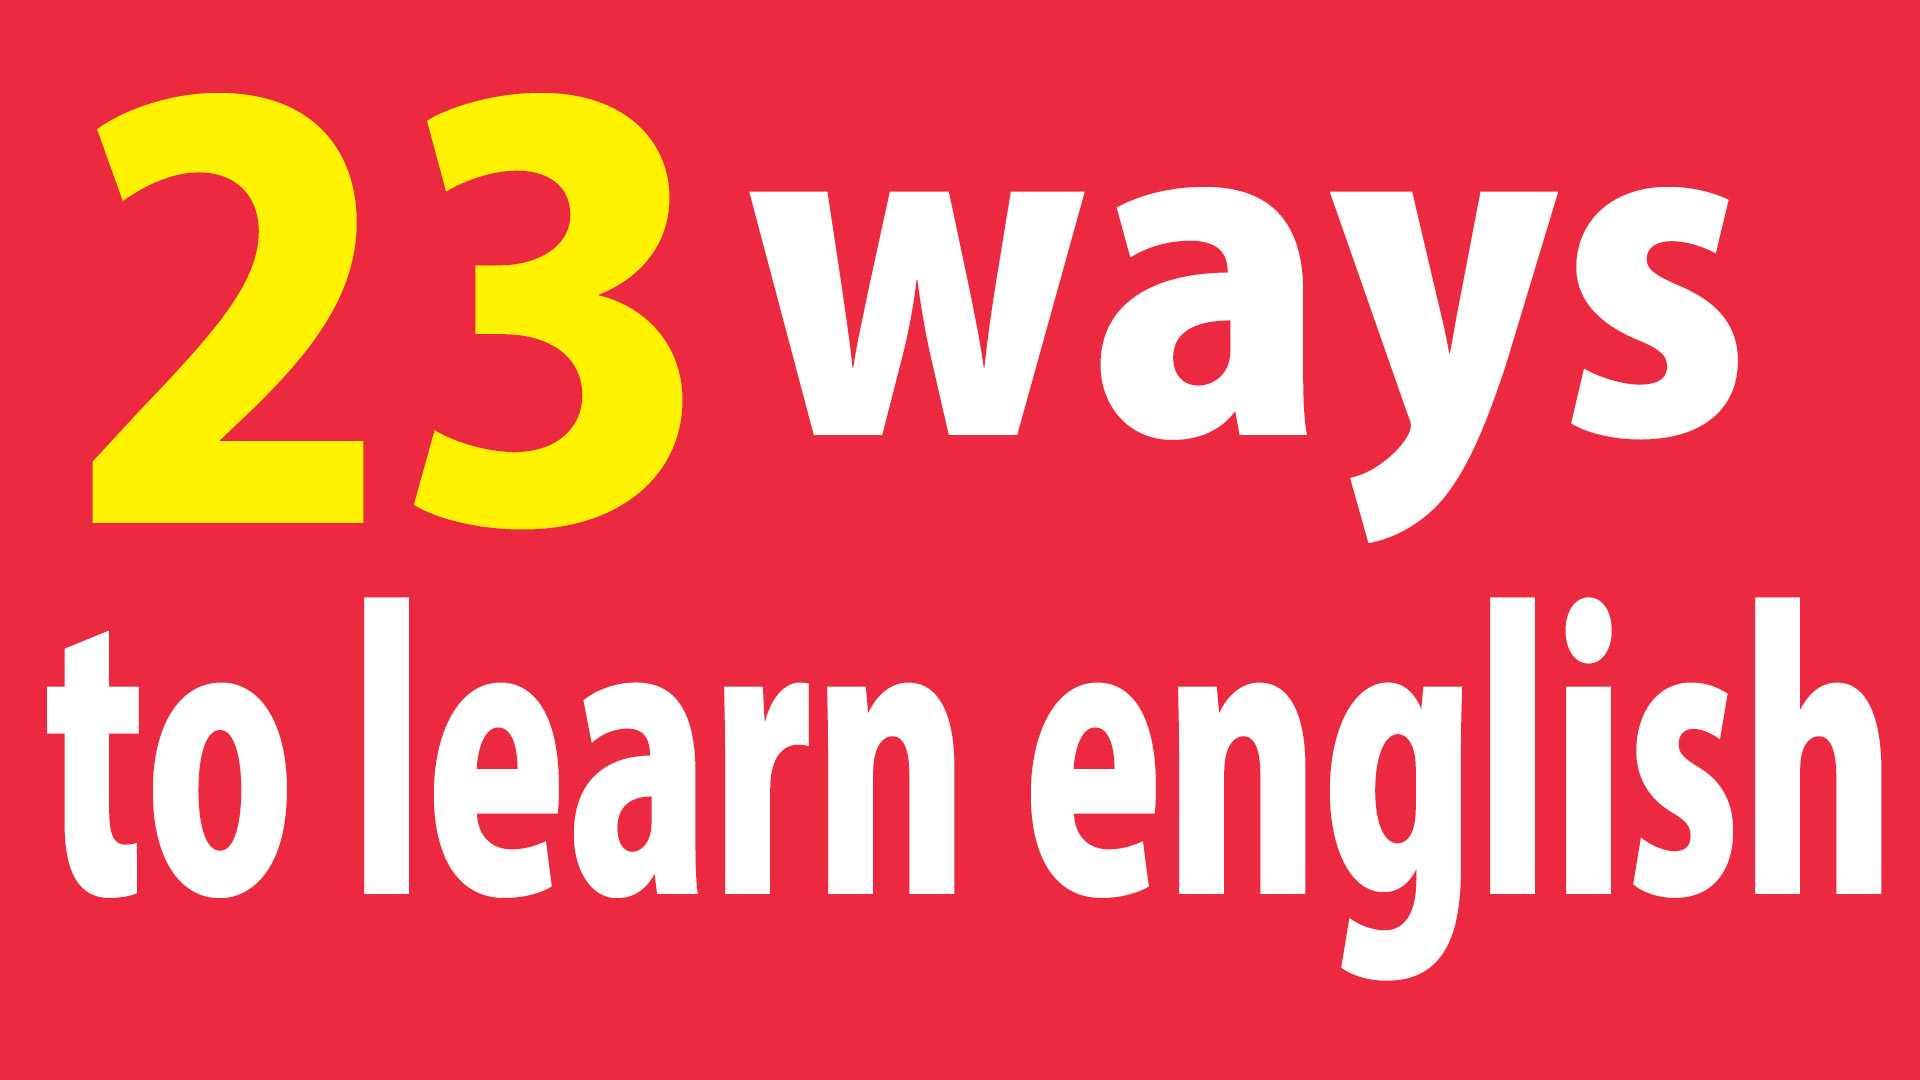 【英語のみ】23 ways to learn English